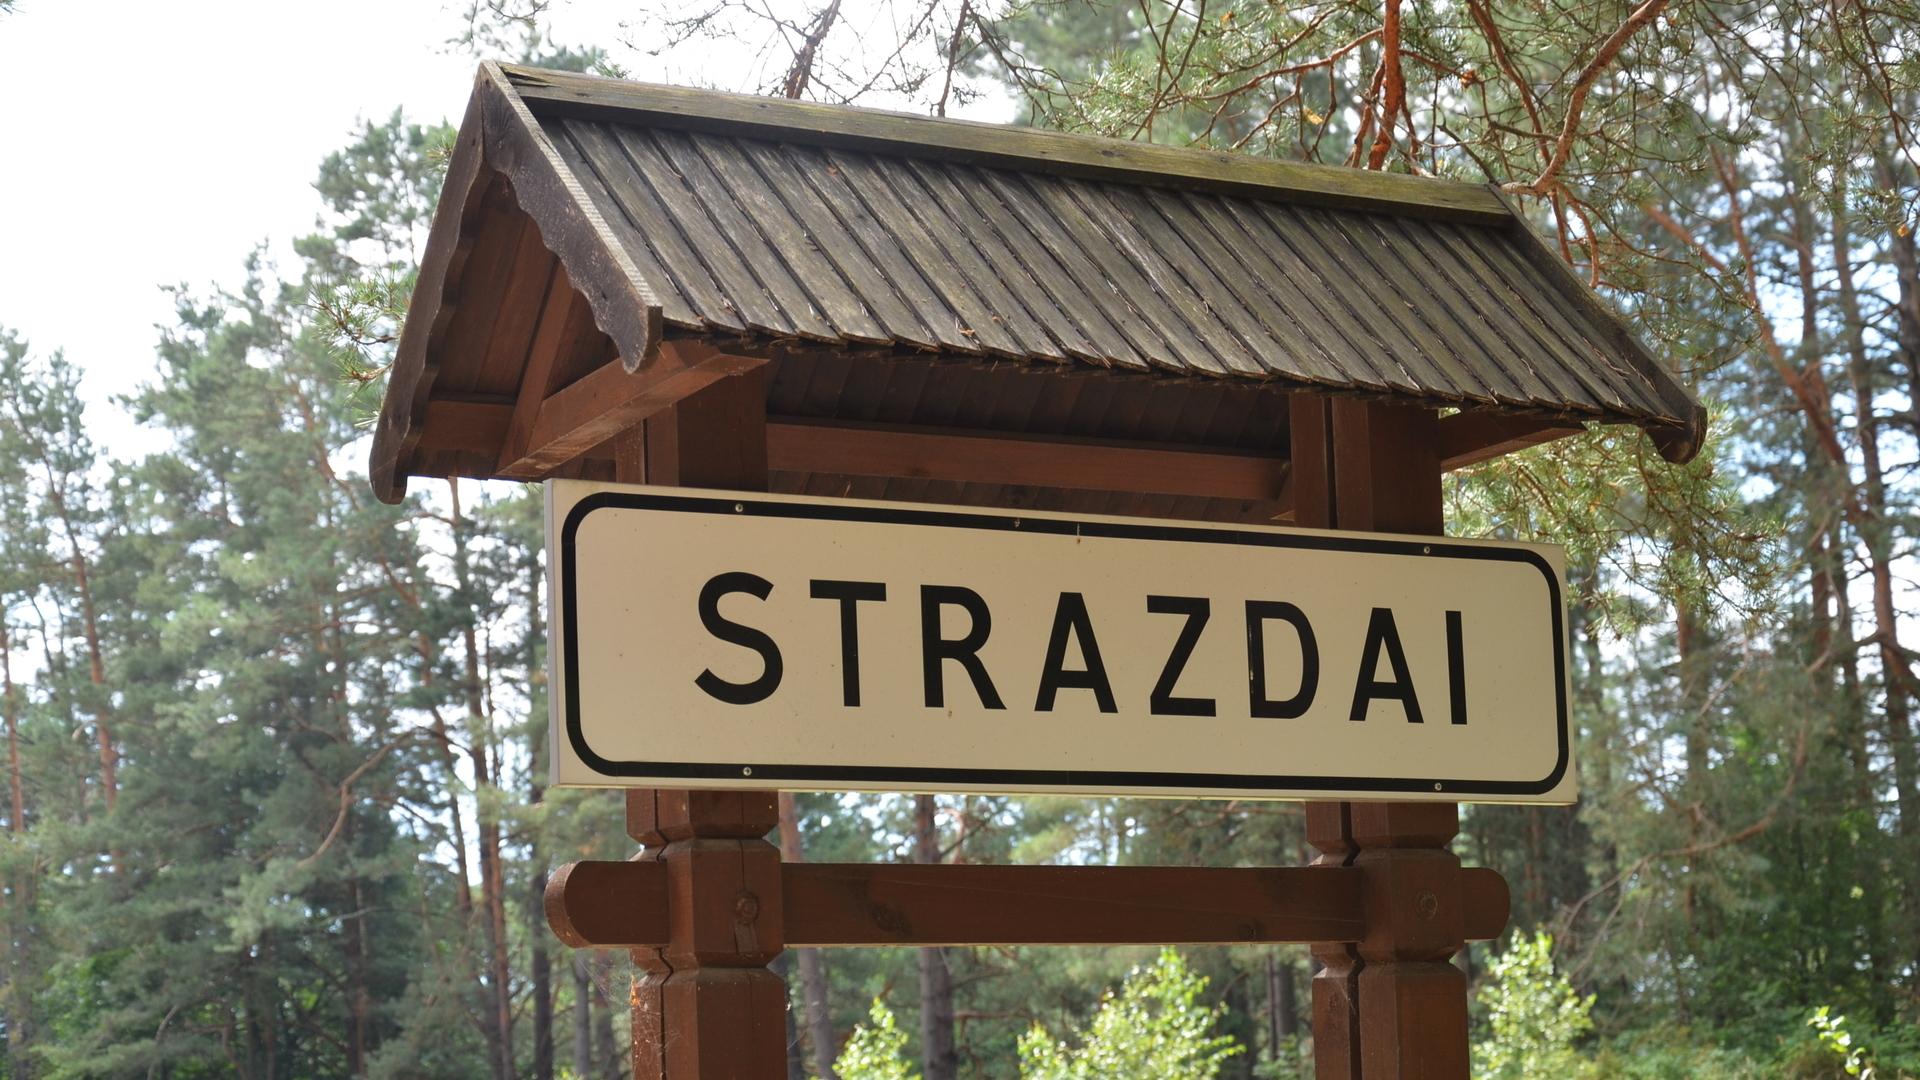 Etnografiniai kaimai: Strazdai